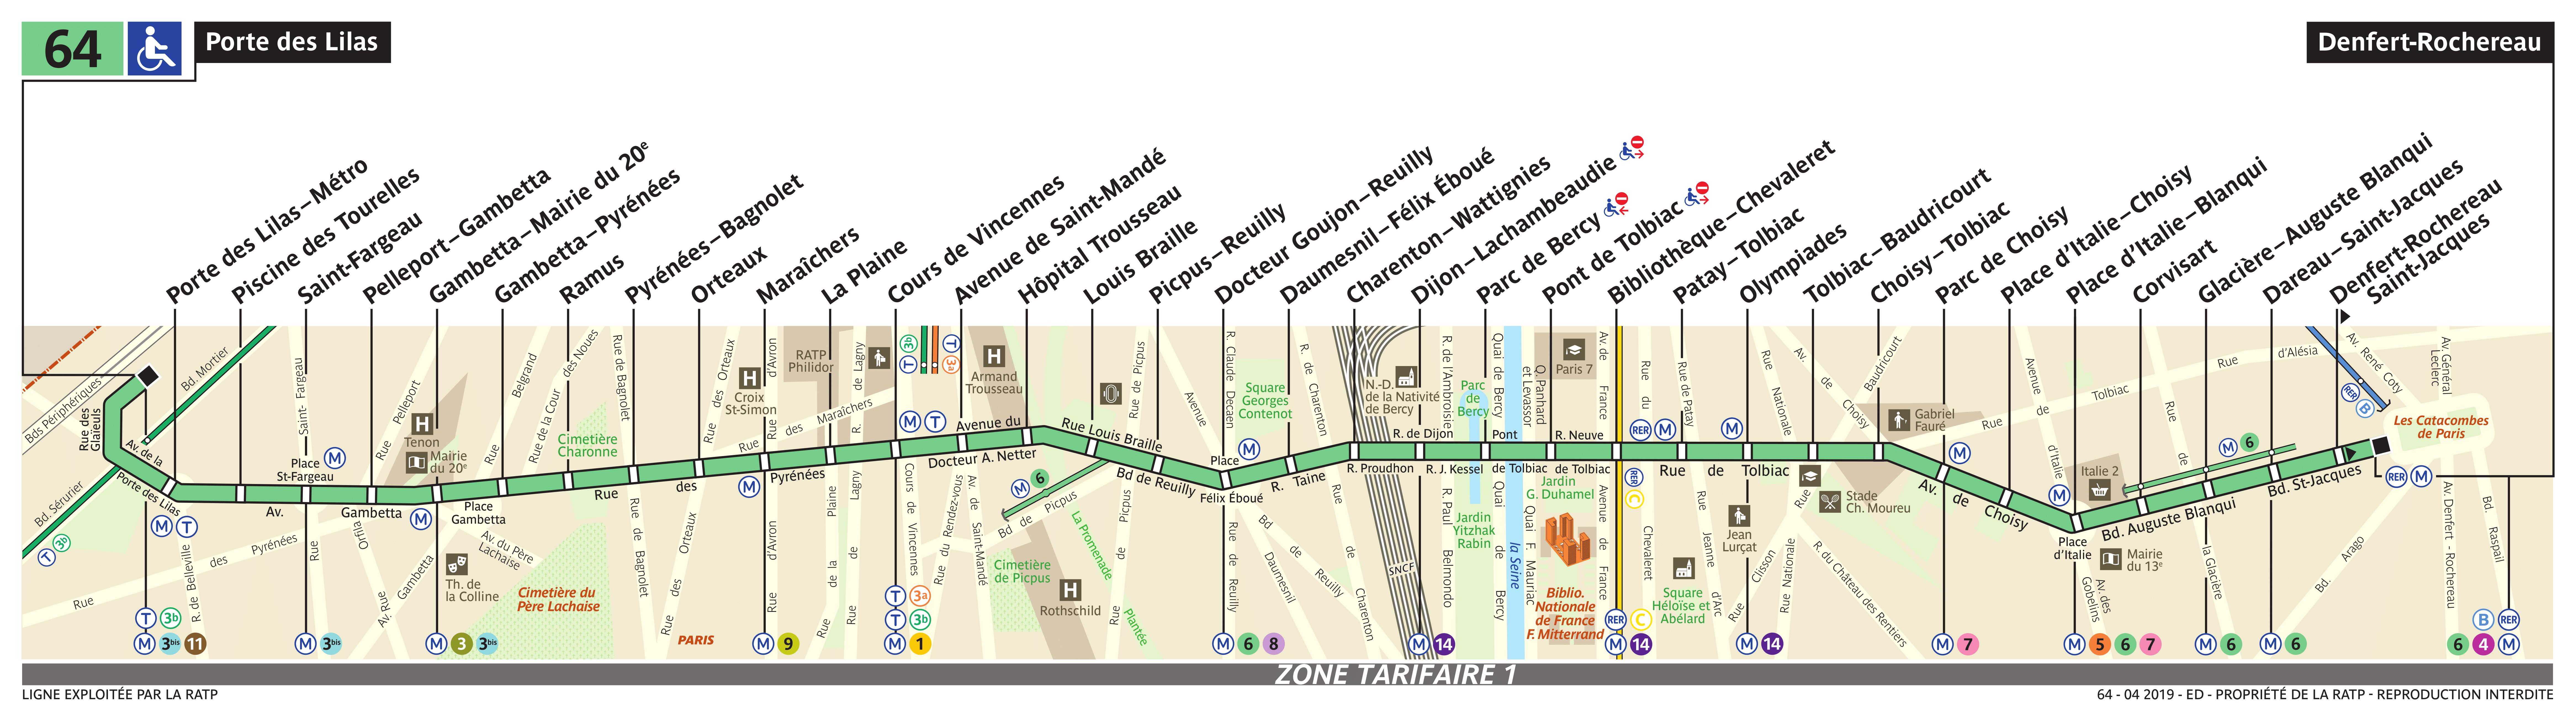 Bus Ratp Ligne 64 Horaires Plan Et Itineraire